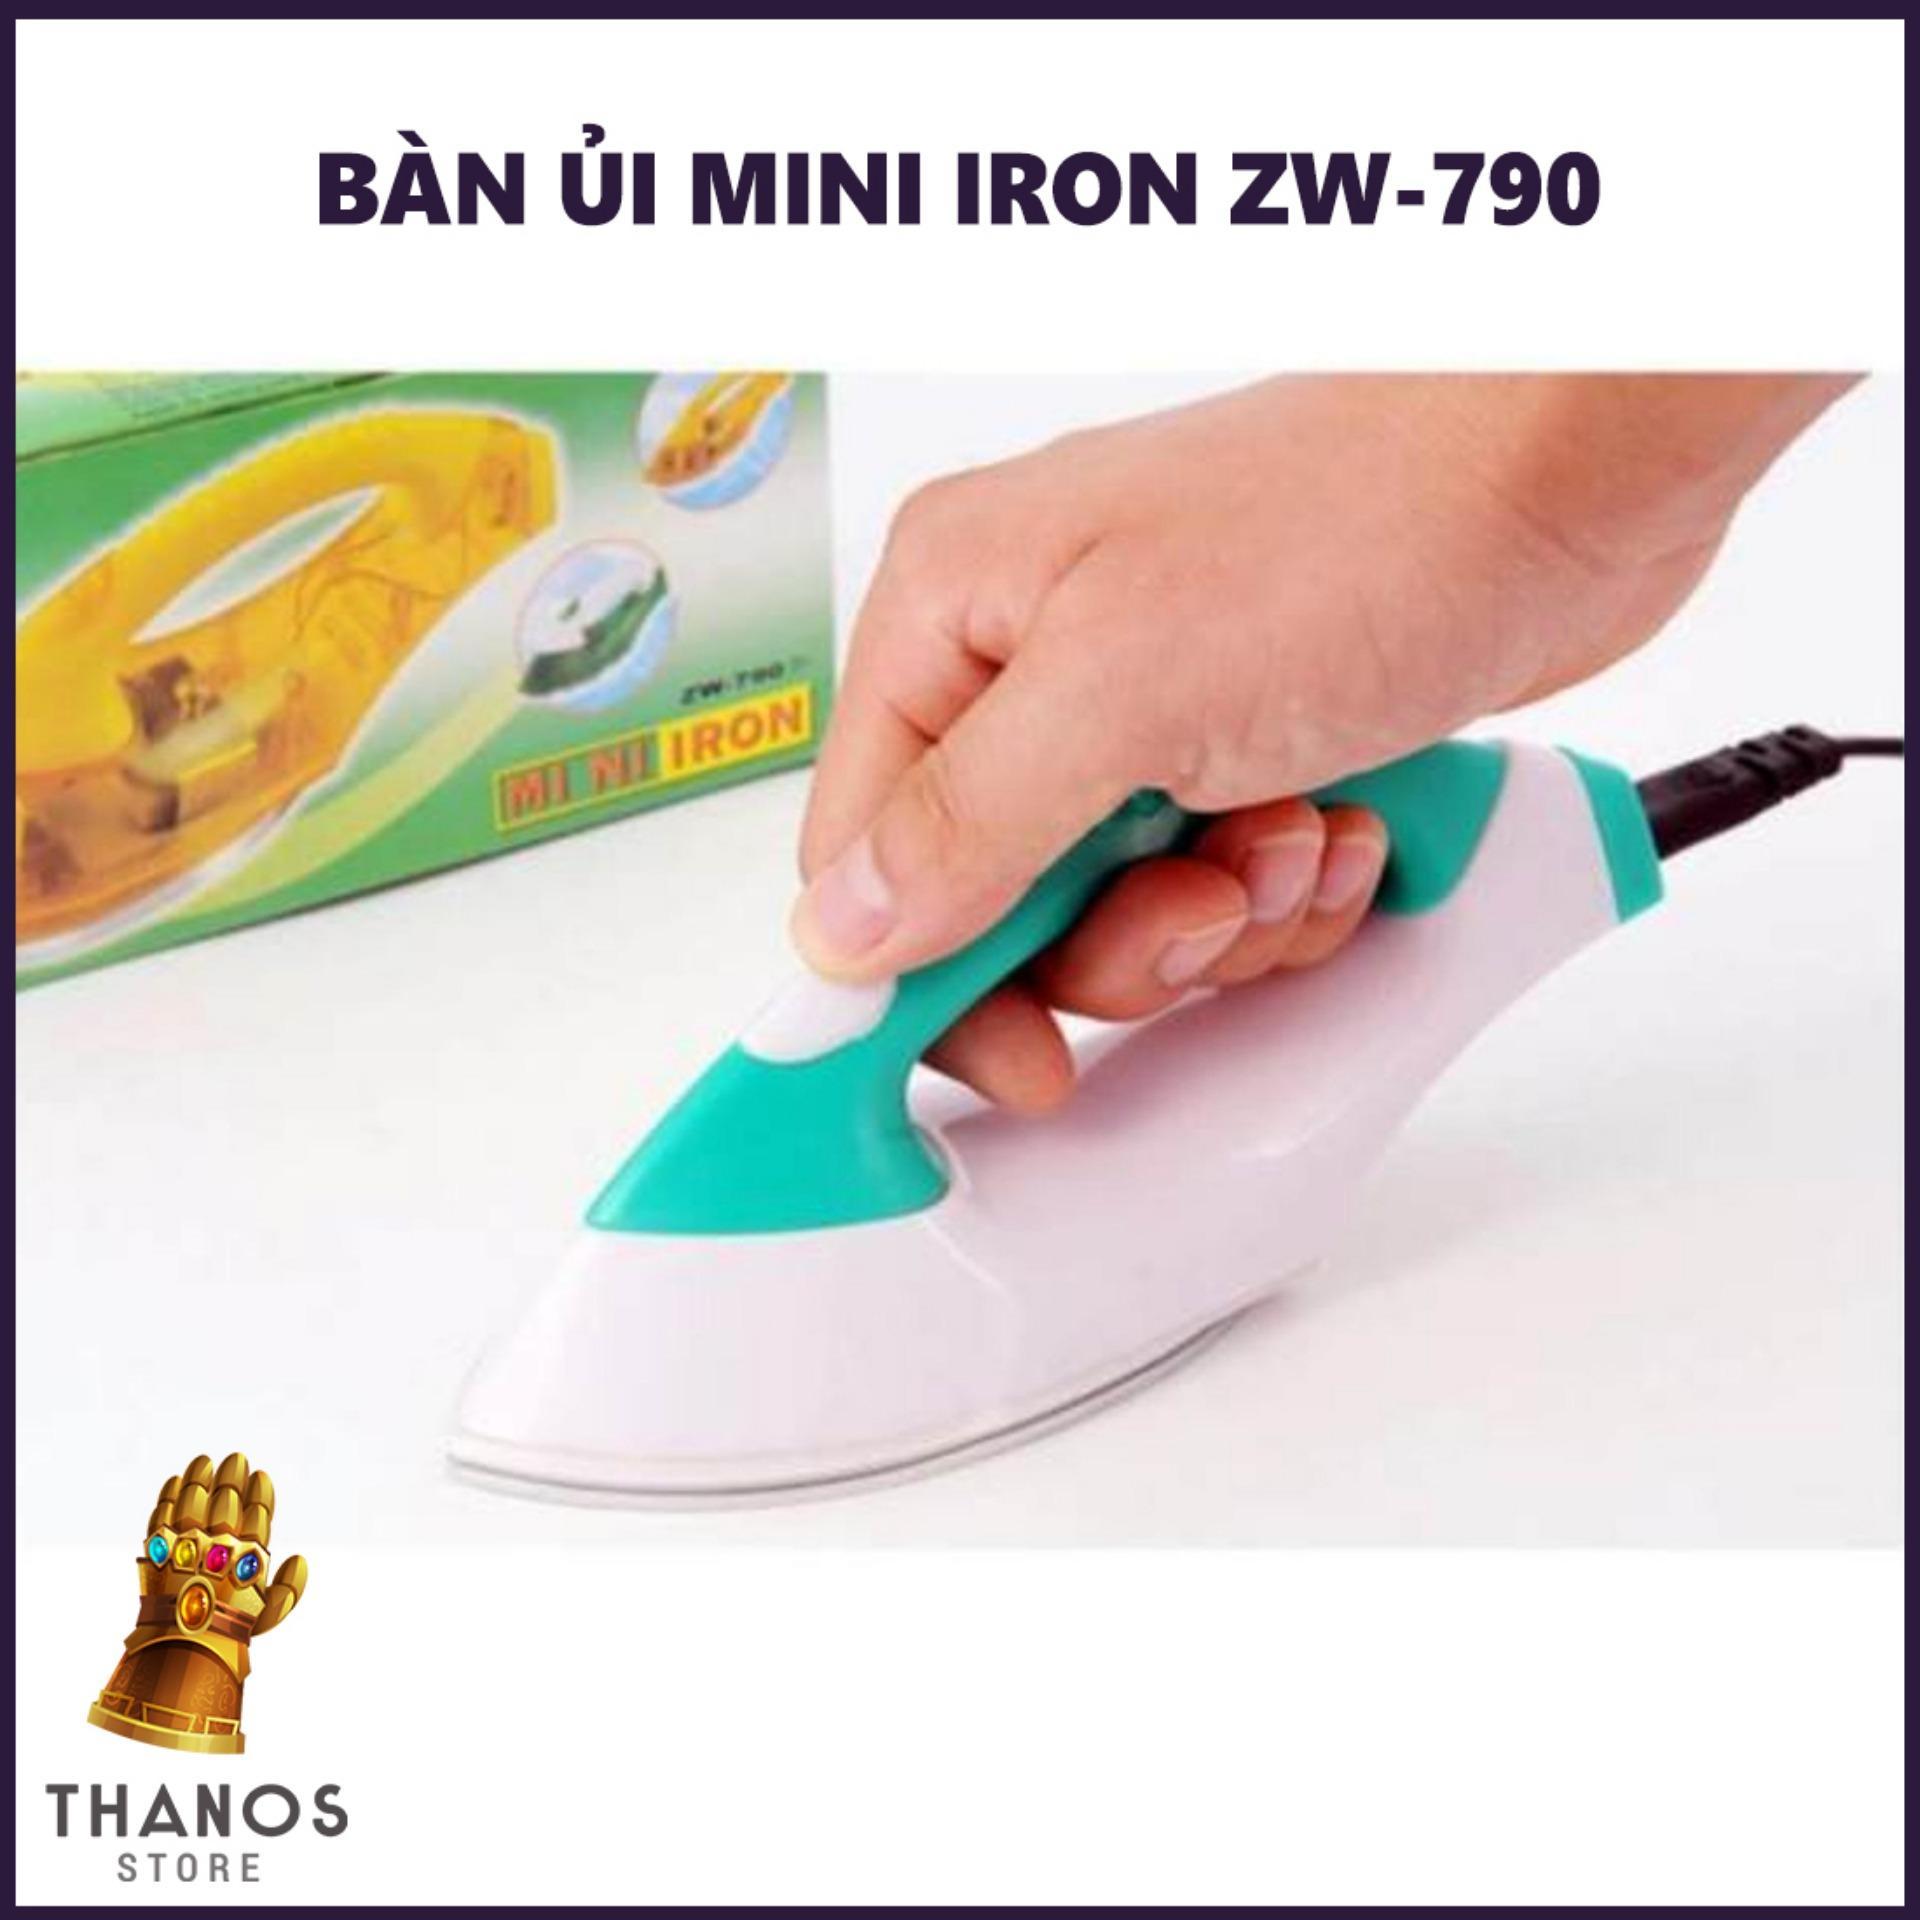 Bàn ủi mini IRON ZW-790 - Thanos Store